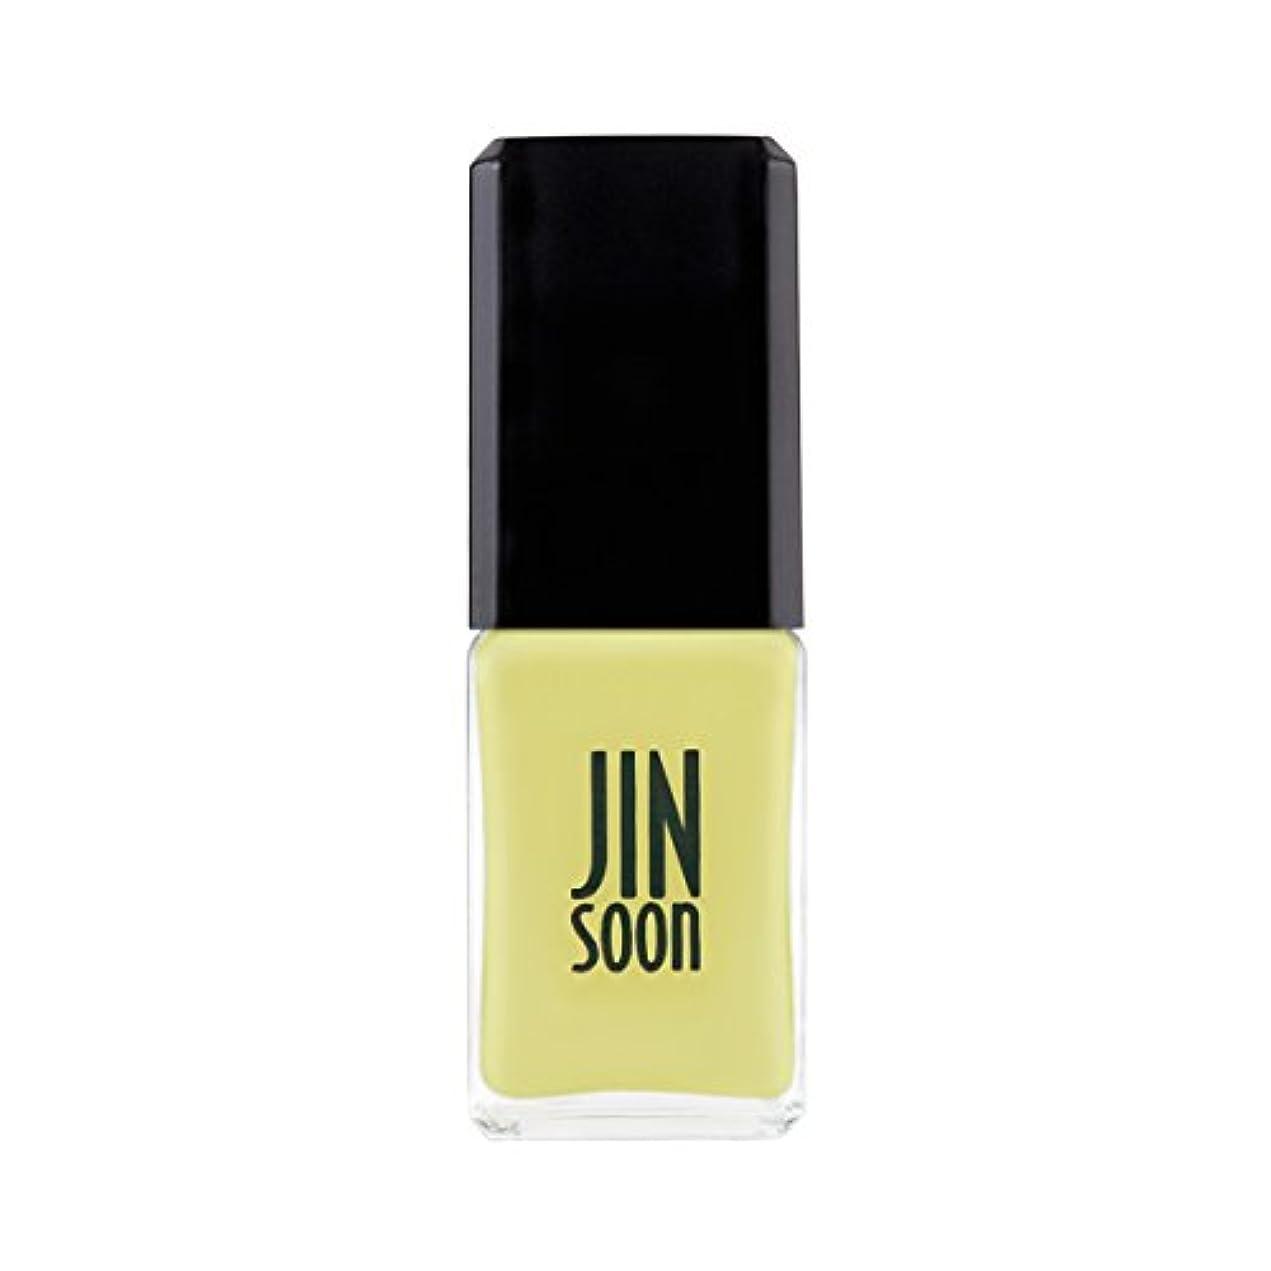 言い直す毎回処分した[ジンスーン] [ jinsoon] シャルム Charme ジンスーンネイルポリッシュ 爪に優しい成分 11mL